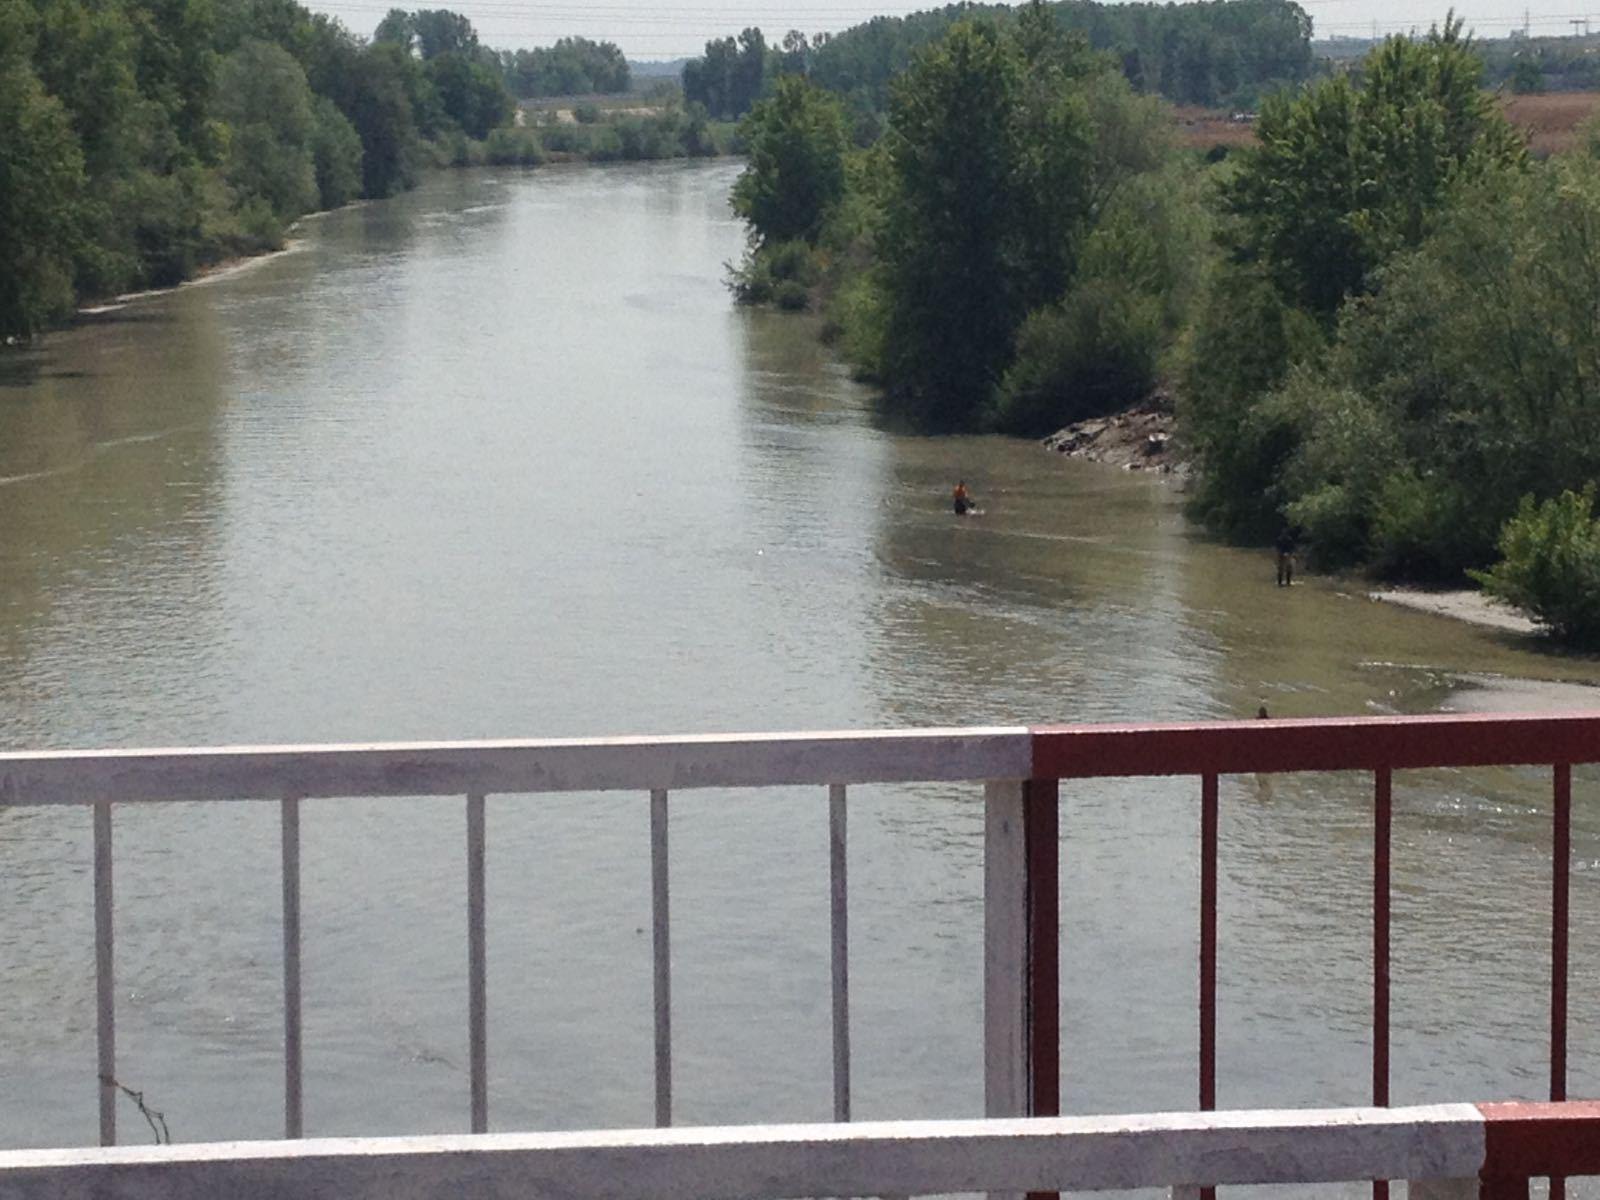 Senatorul PSD Tit-Liviu Brăiloiu vrea să treacă Lacul Grădinari în administrarea Consiliului Judeţean Giurgiu. Proiectul, similar celui prin care insula Belina a fost scoasă din proprietatea statului